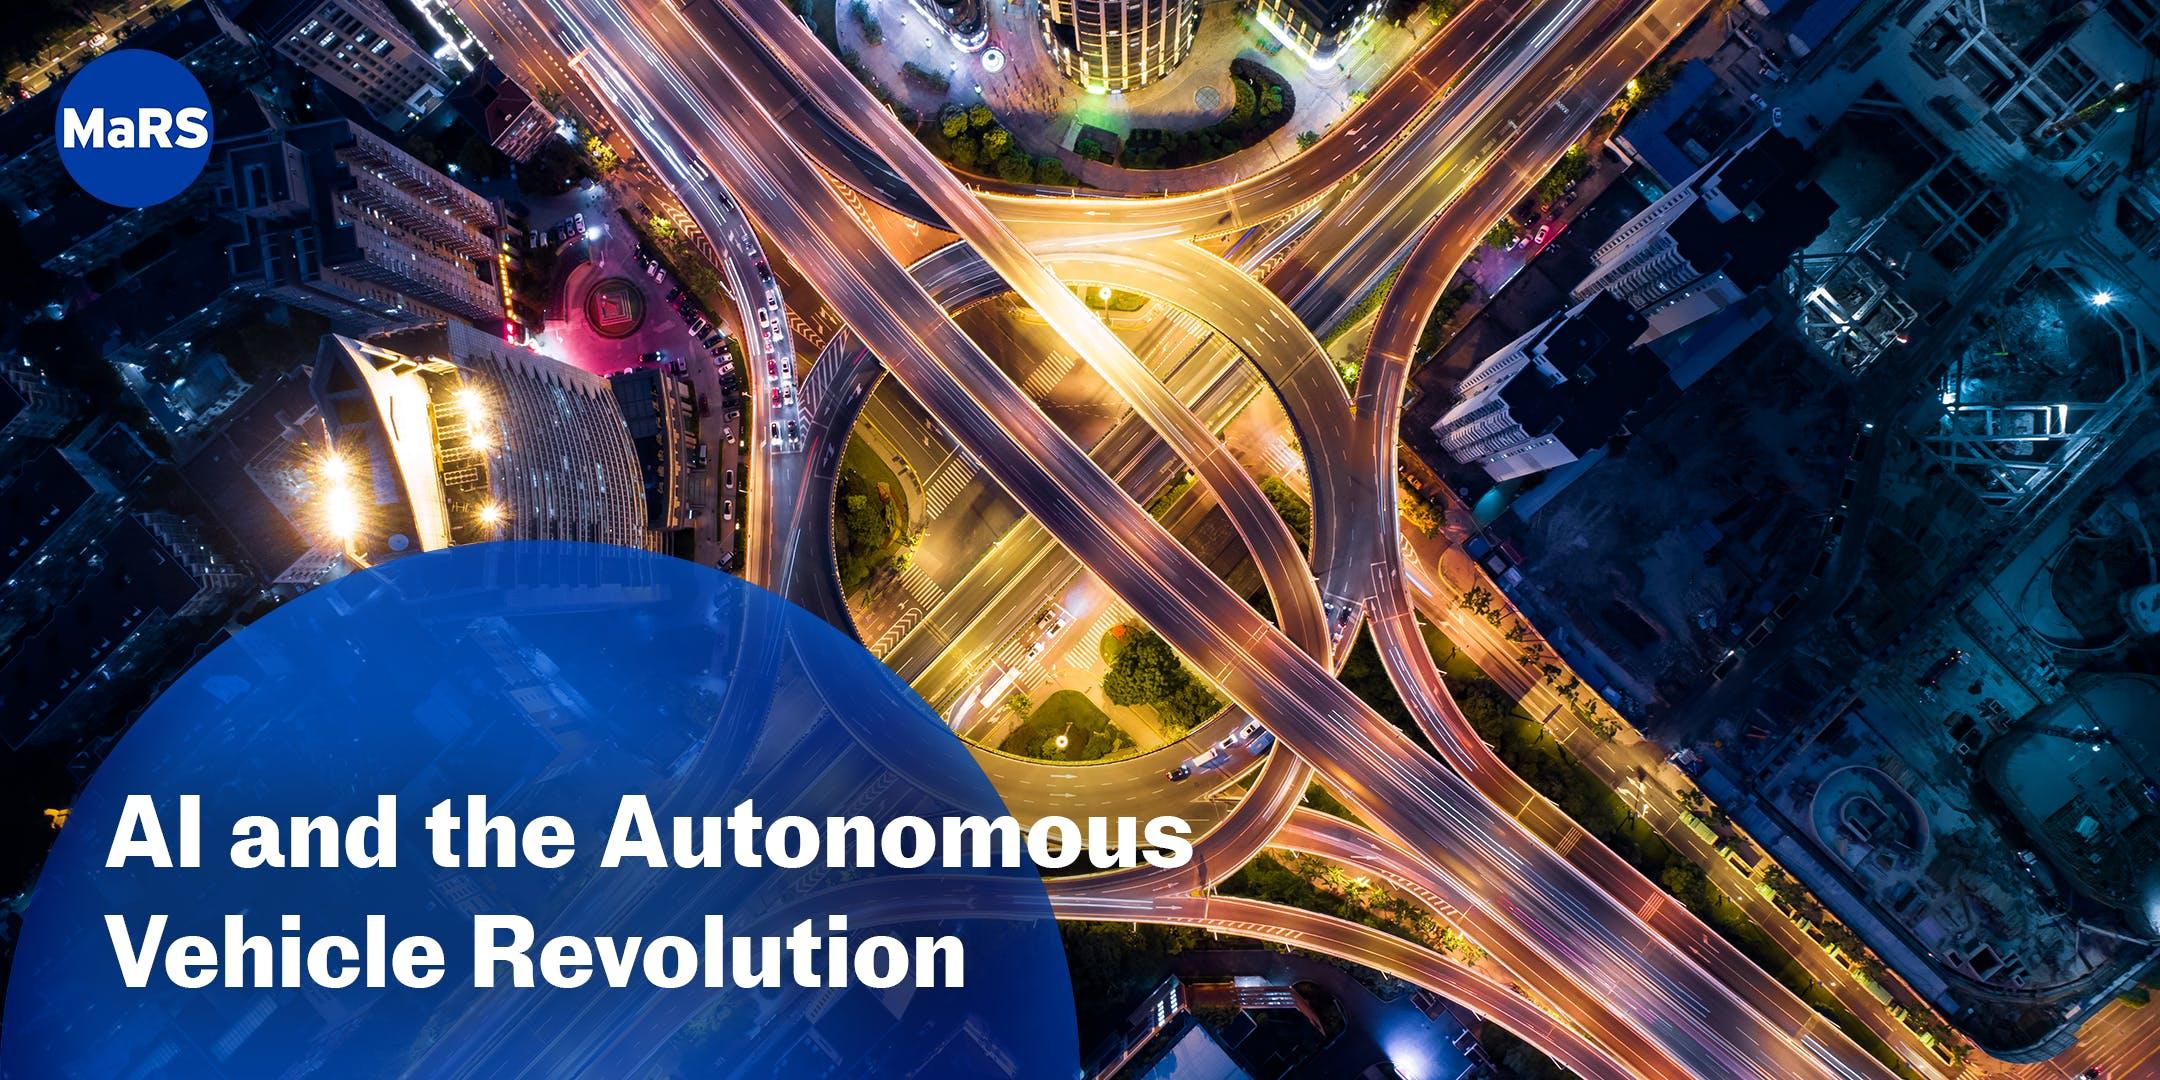 AI and the Autonomous Vehicle Revolution